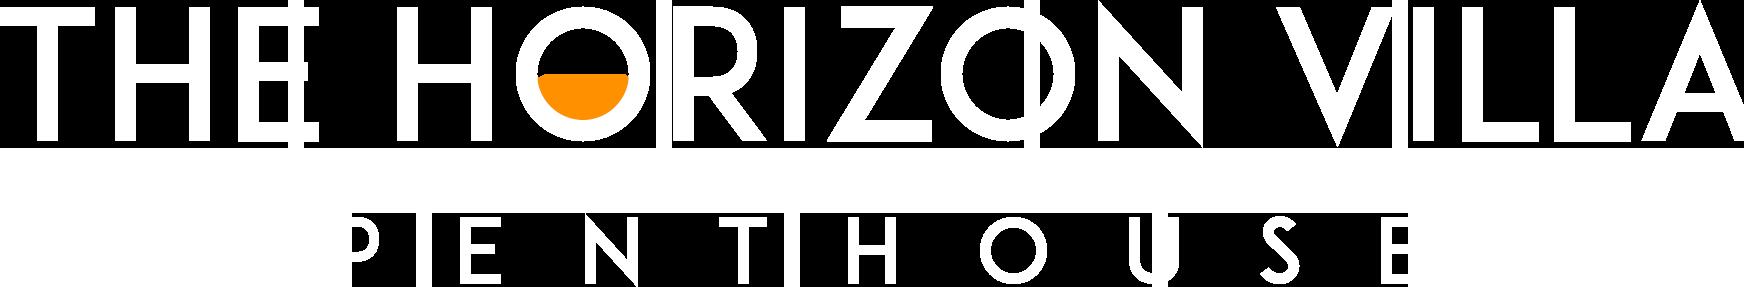 Horizonvilla